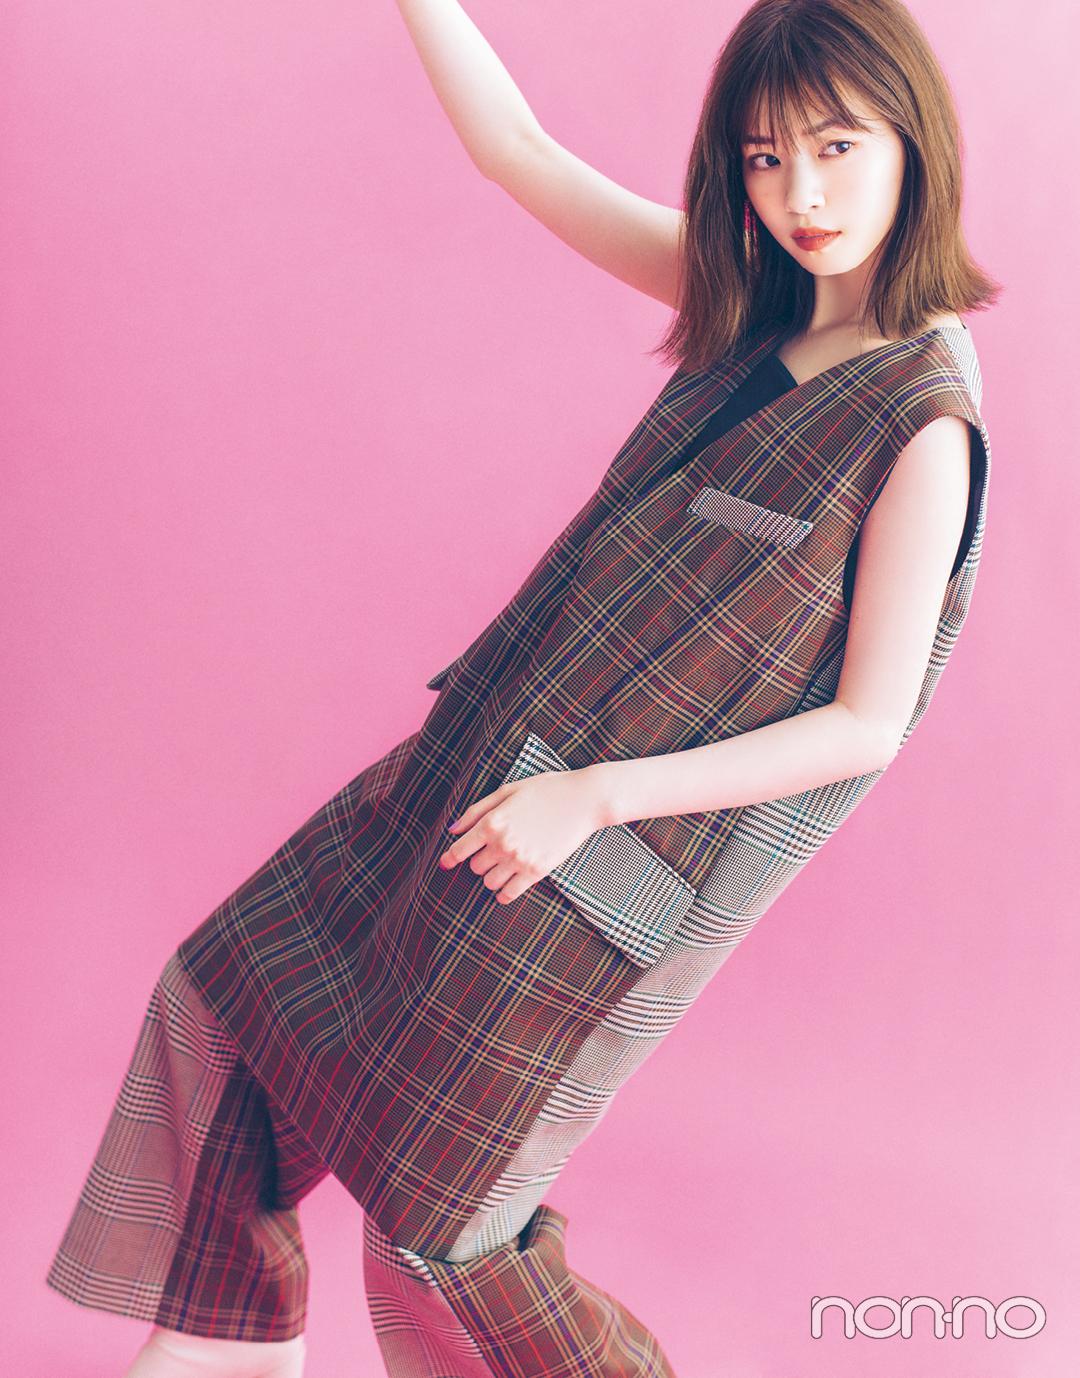 秋ファッションで魅せるモデルの顔。 西野七瀬フォトギャラリー_1_1